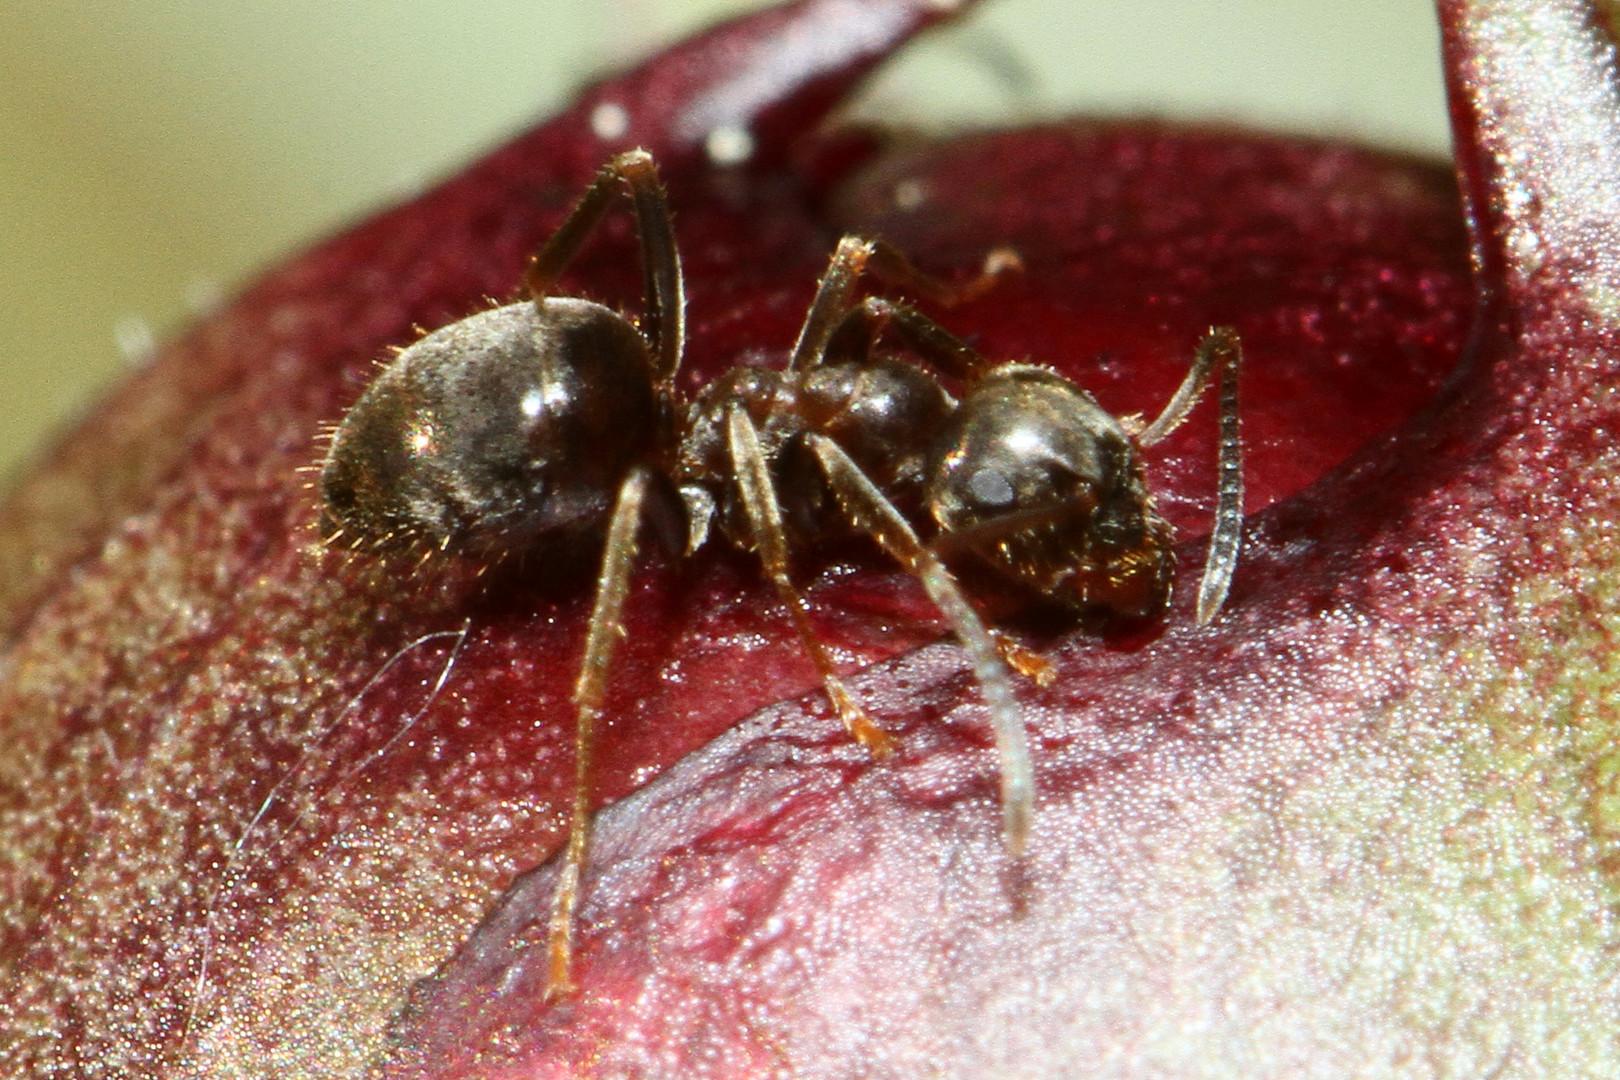 Ameisenmakro mit hohem ISO Wert